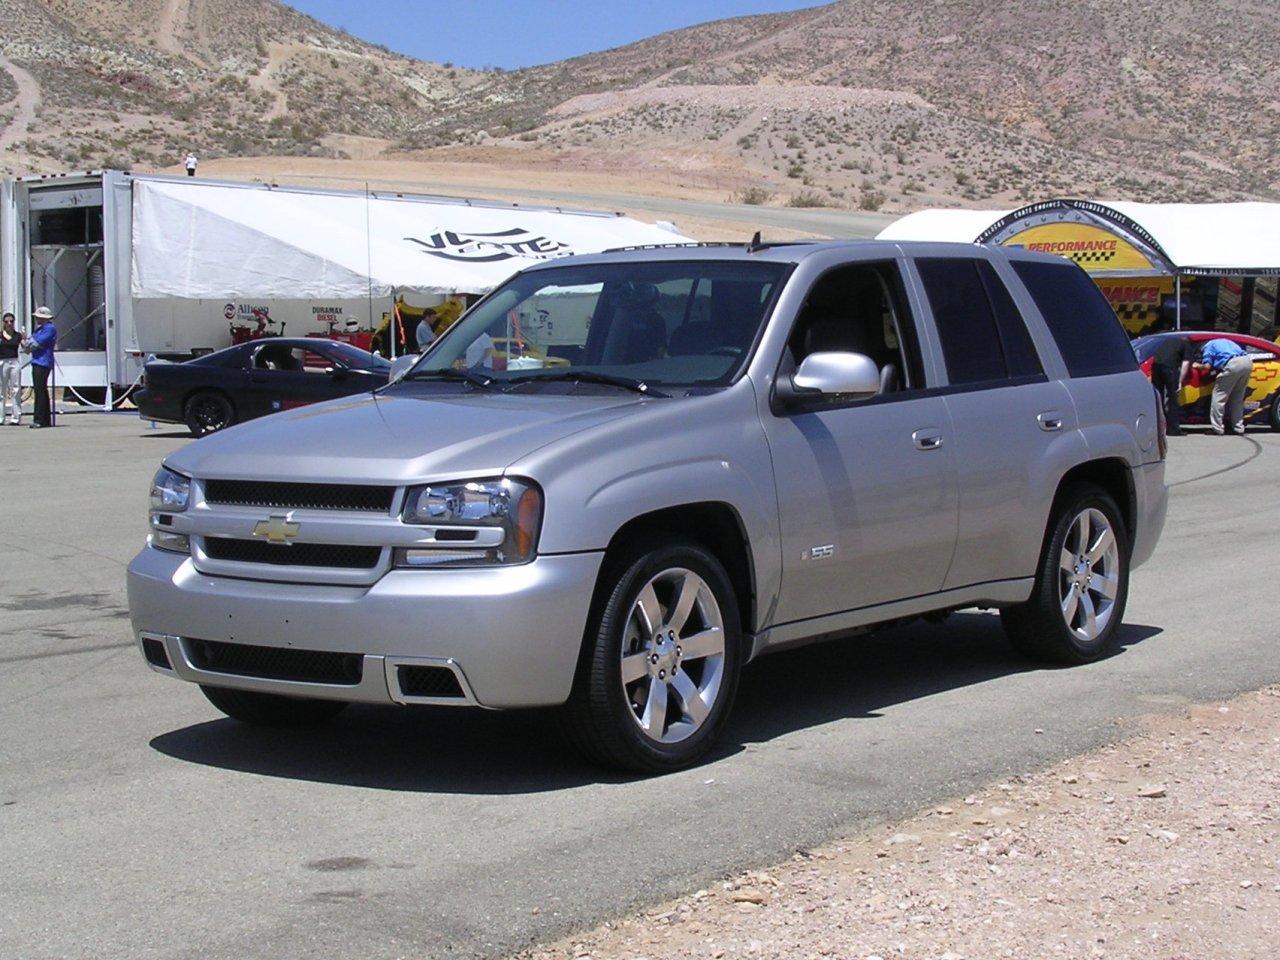 Chevrolet Trailblazer 2004 foto - 4